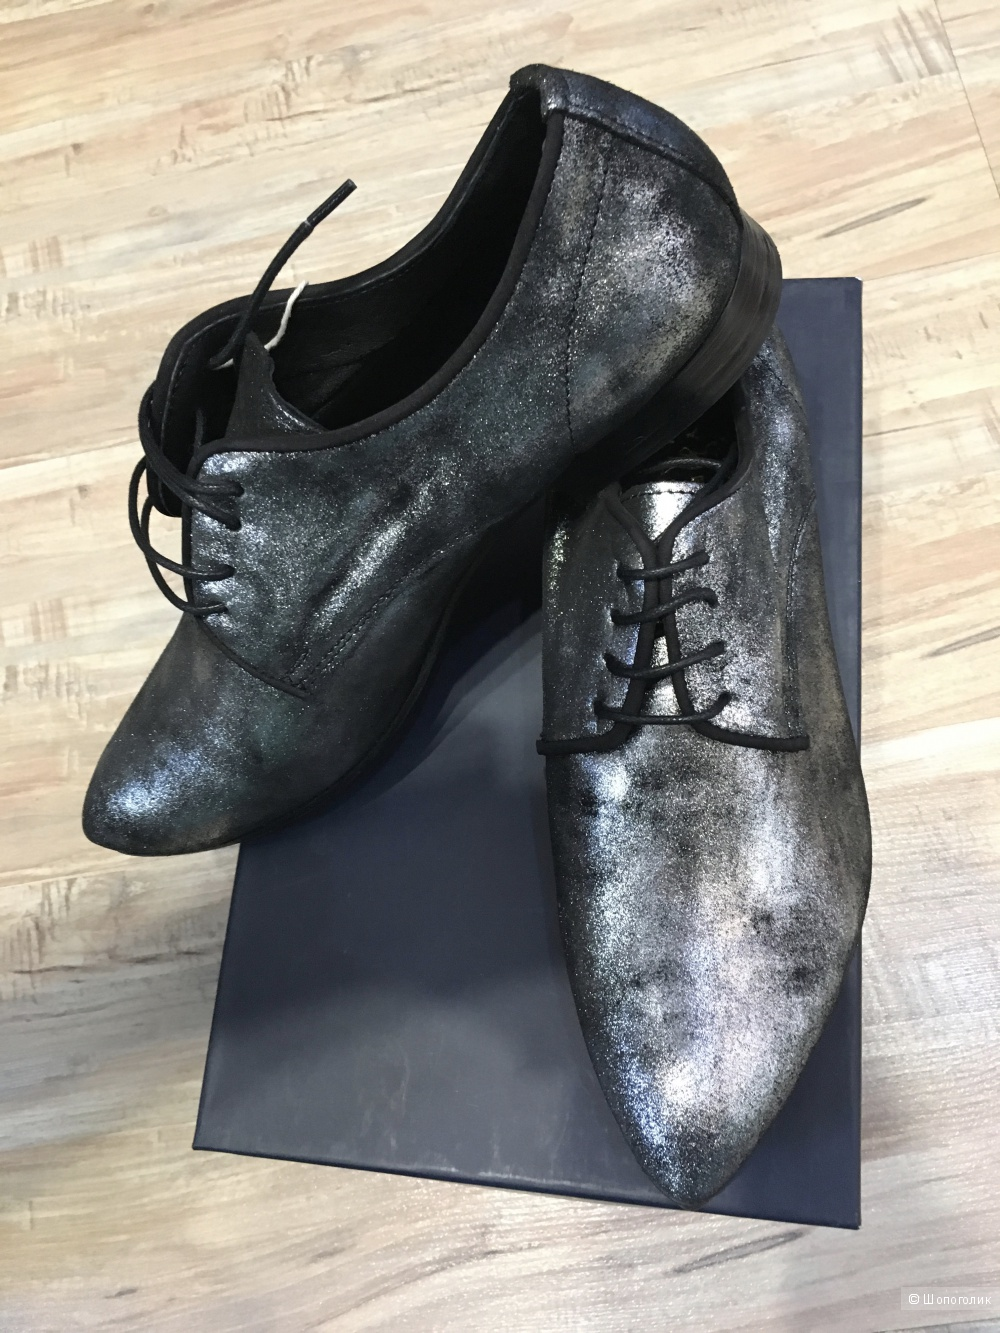 Кожаные туфли на шнуровке LADY KIARA 38 (Европейский Размер) Серебристый, 24,5 см